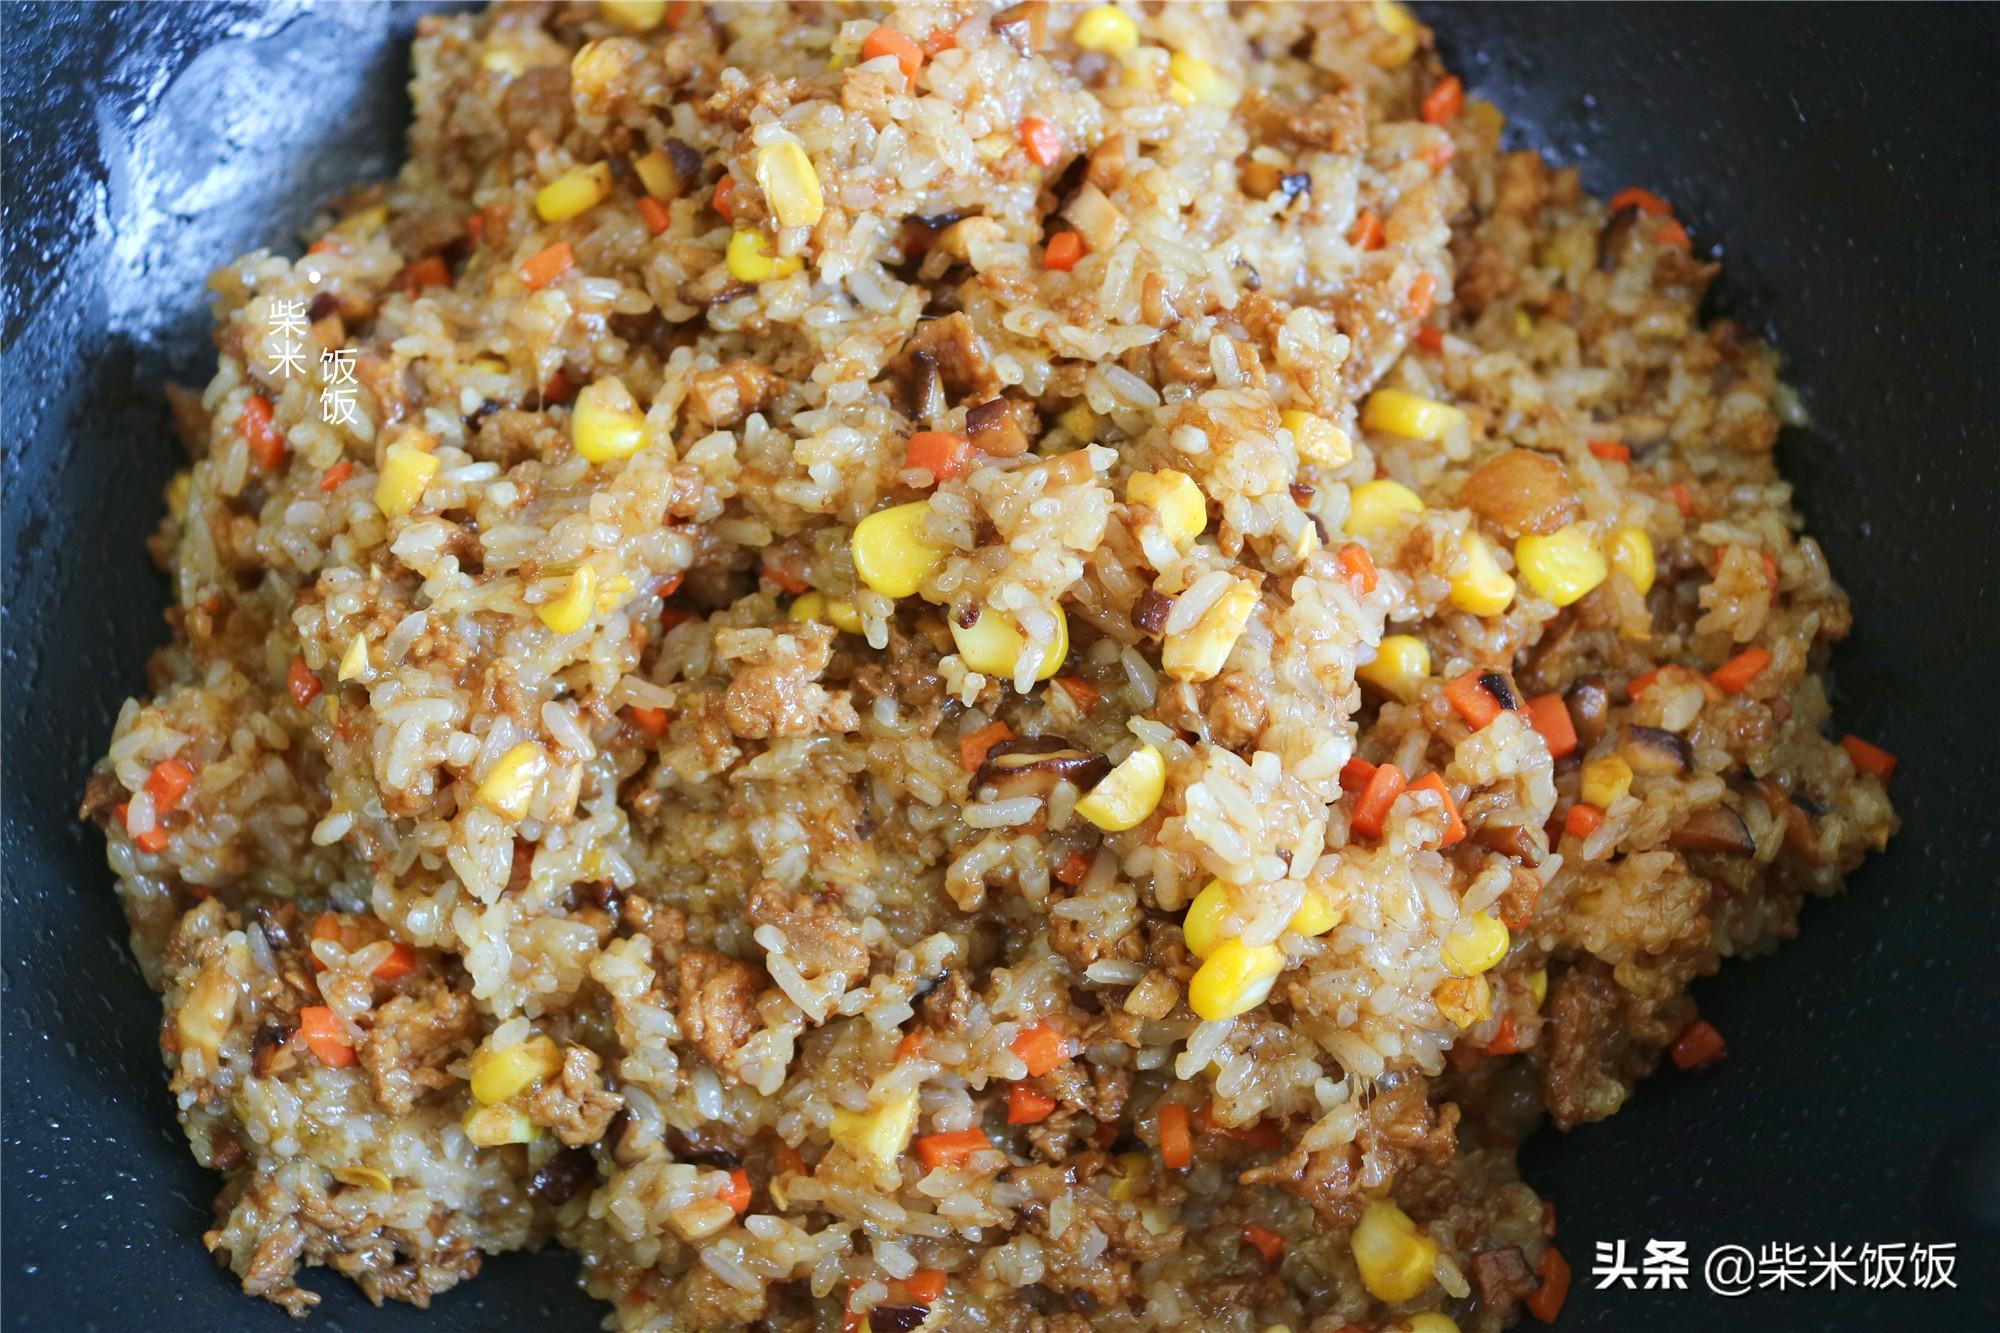 孩子點名要吃的燒麥,做法比餃子簡單,一鍋蒸33個,涼了也好吃